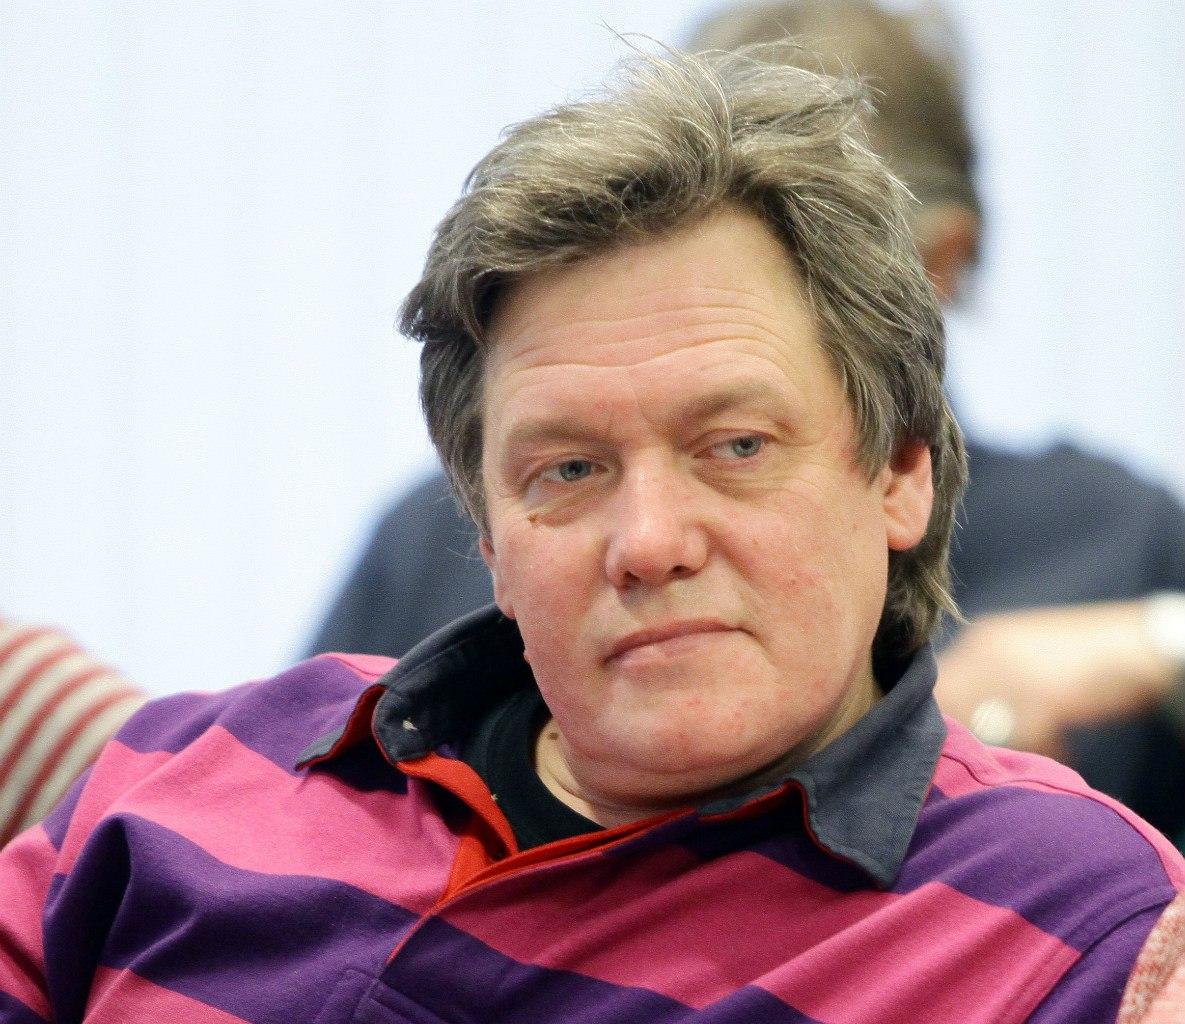 Сергей Балуев: «С ноу-хау всё плохо. Что такое ноу-хау? – кто подавал, этого точно не знает»